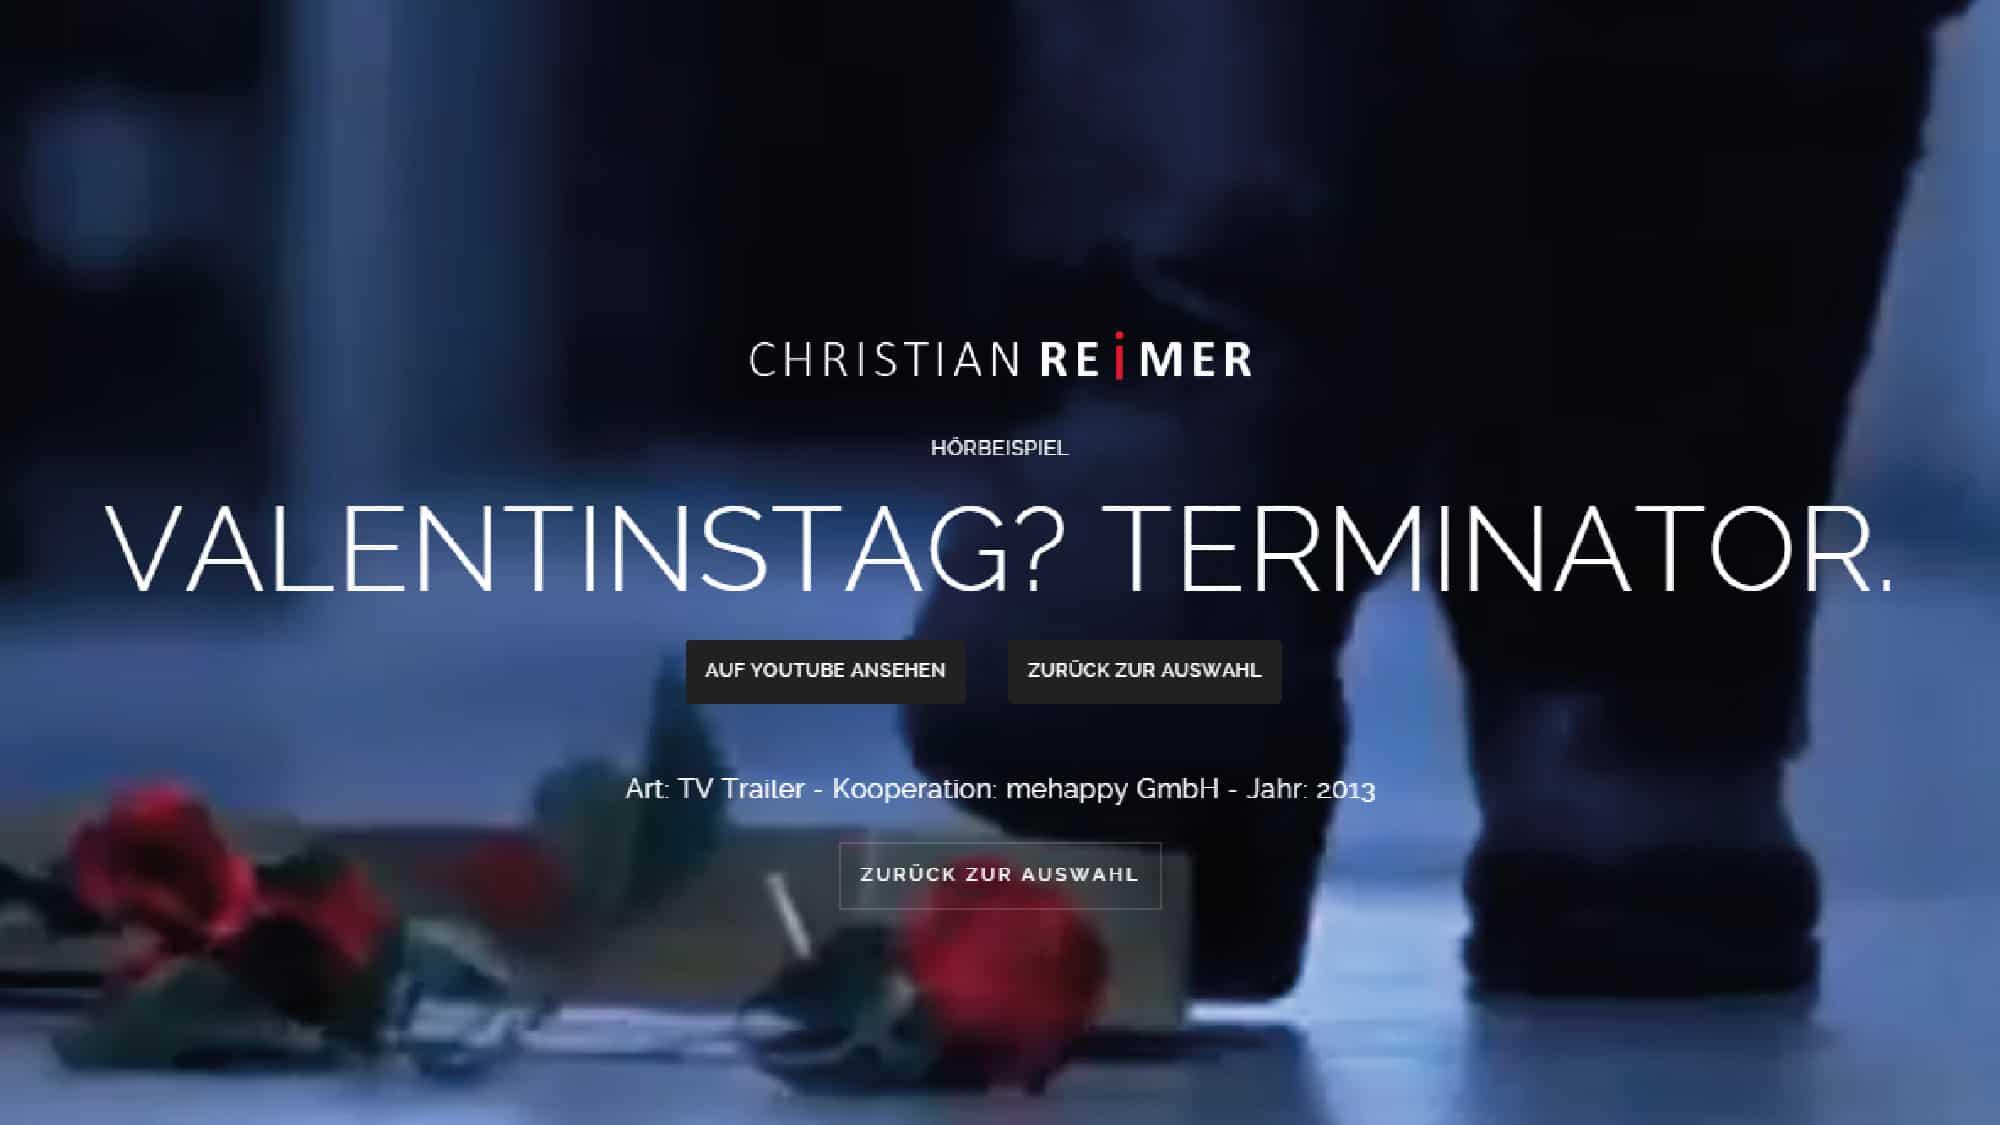 Terminator am Valentinstag. Hörbeispiel Christian Reimer